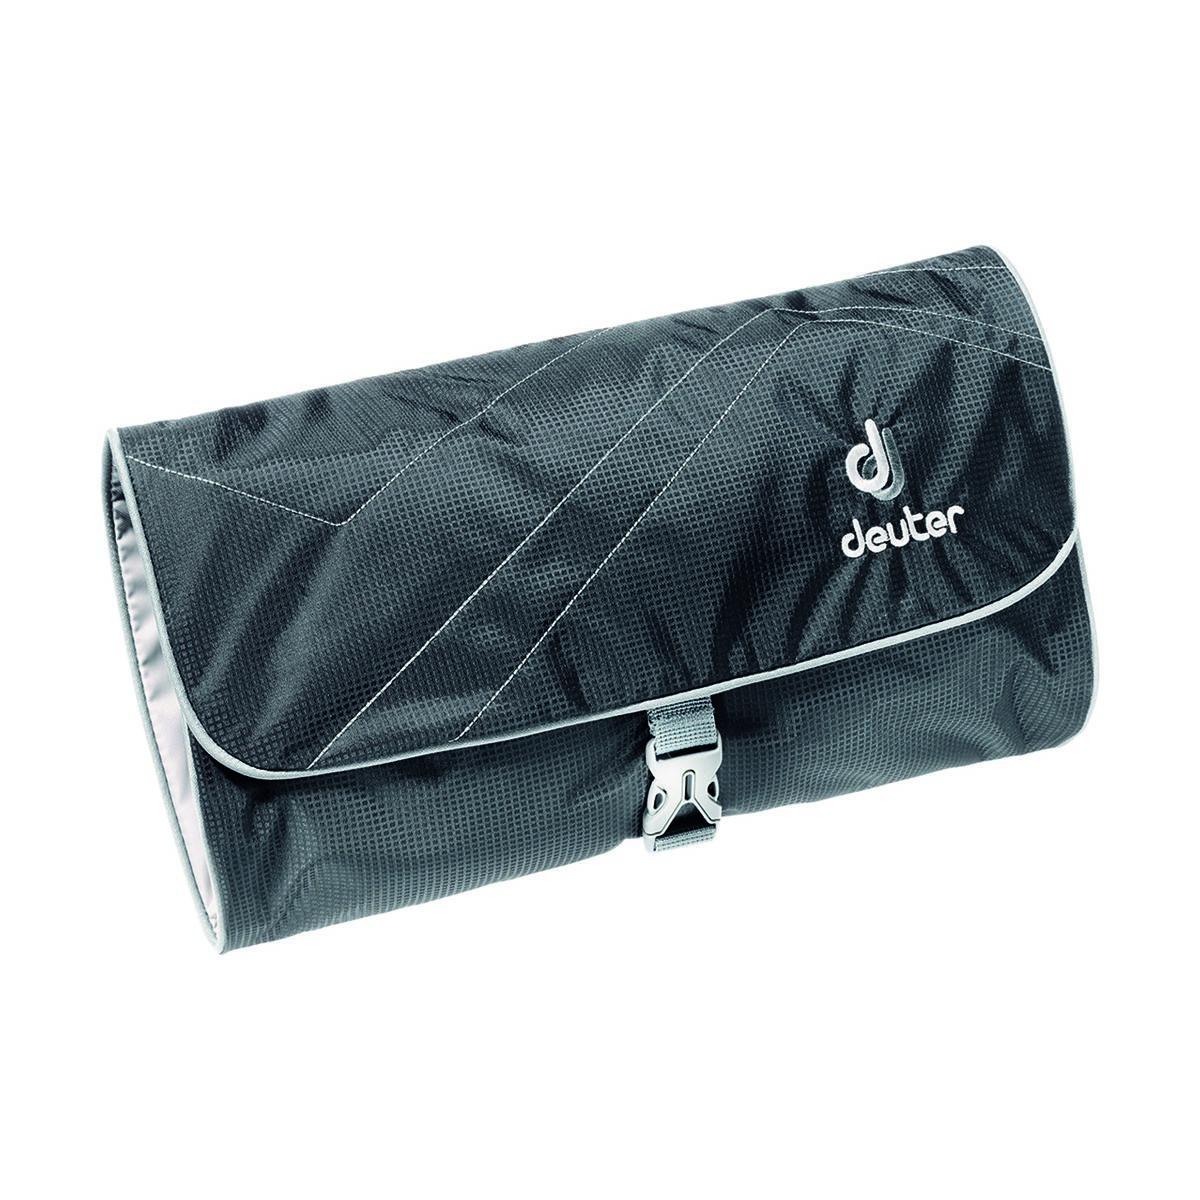 Photo of Deuter Wash Bag II